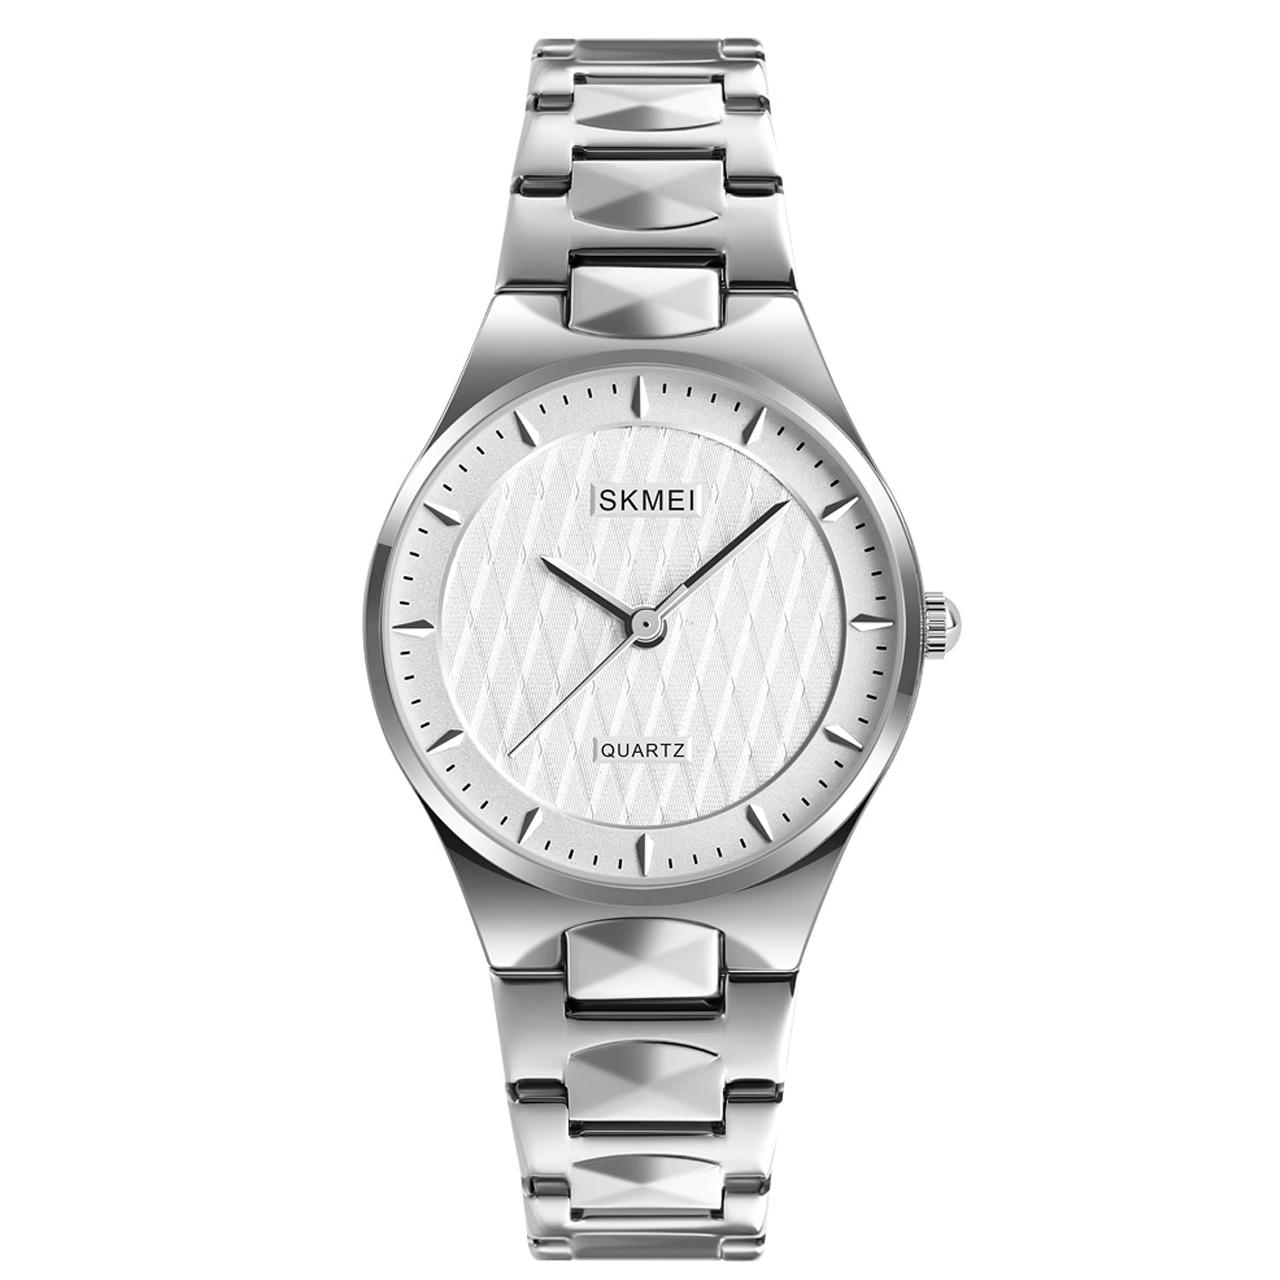 ساعت مچی عقربه ای زنانه اسکمی مدل 1282 کد 02 15